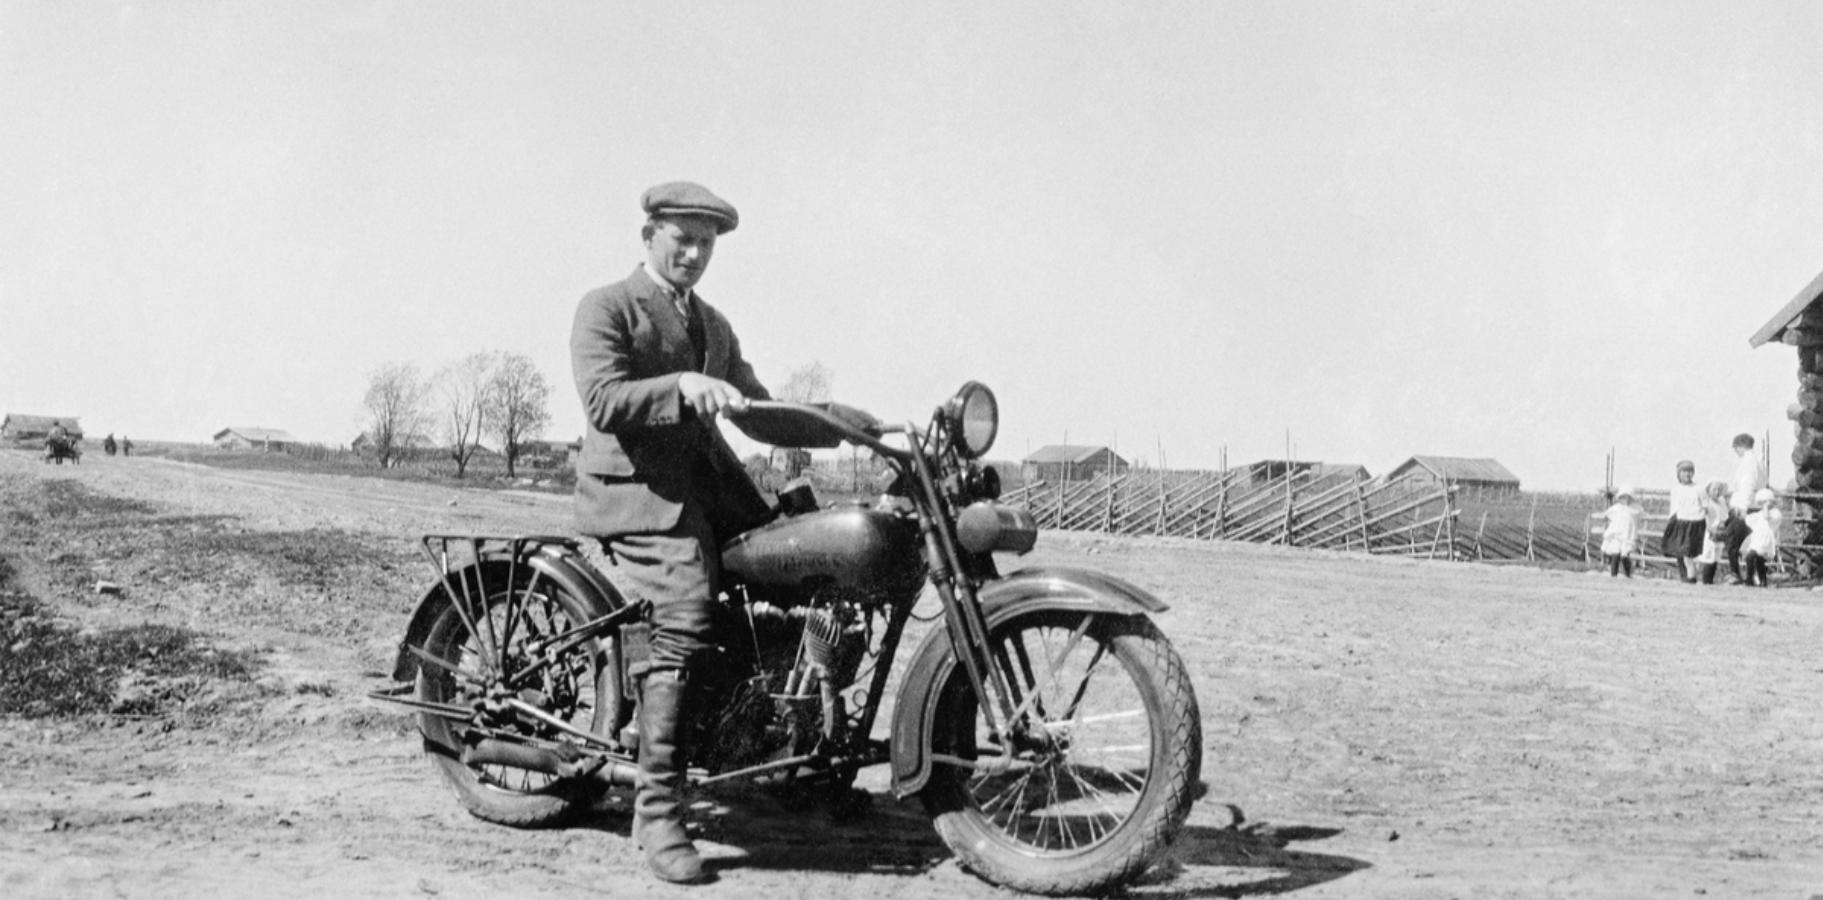 Норвежец Ричард Торкильдсен на мотоцикле в то время, когда он работал в норвежско-российской компании Russnorvegules